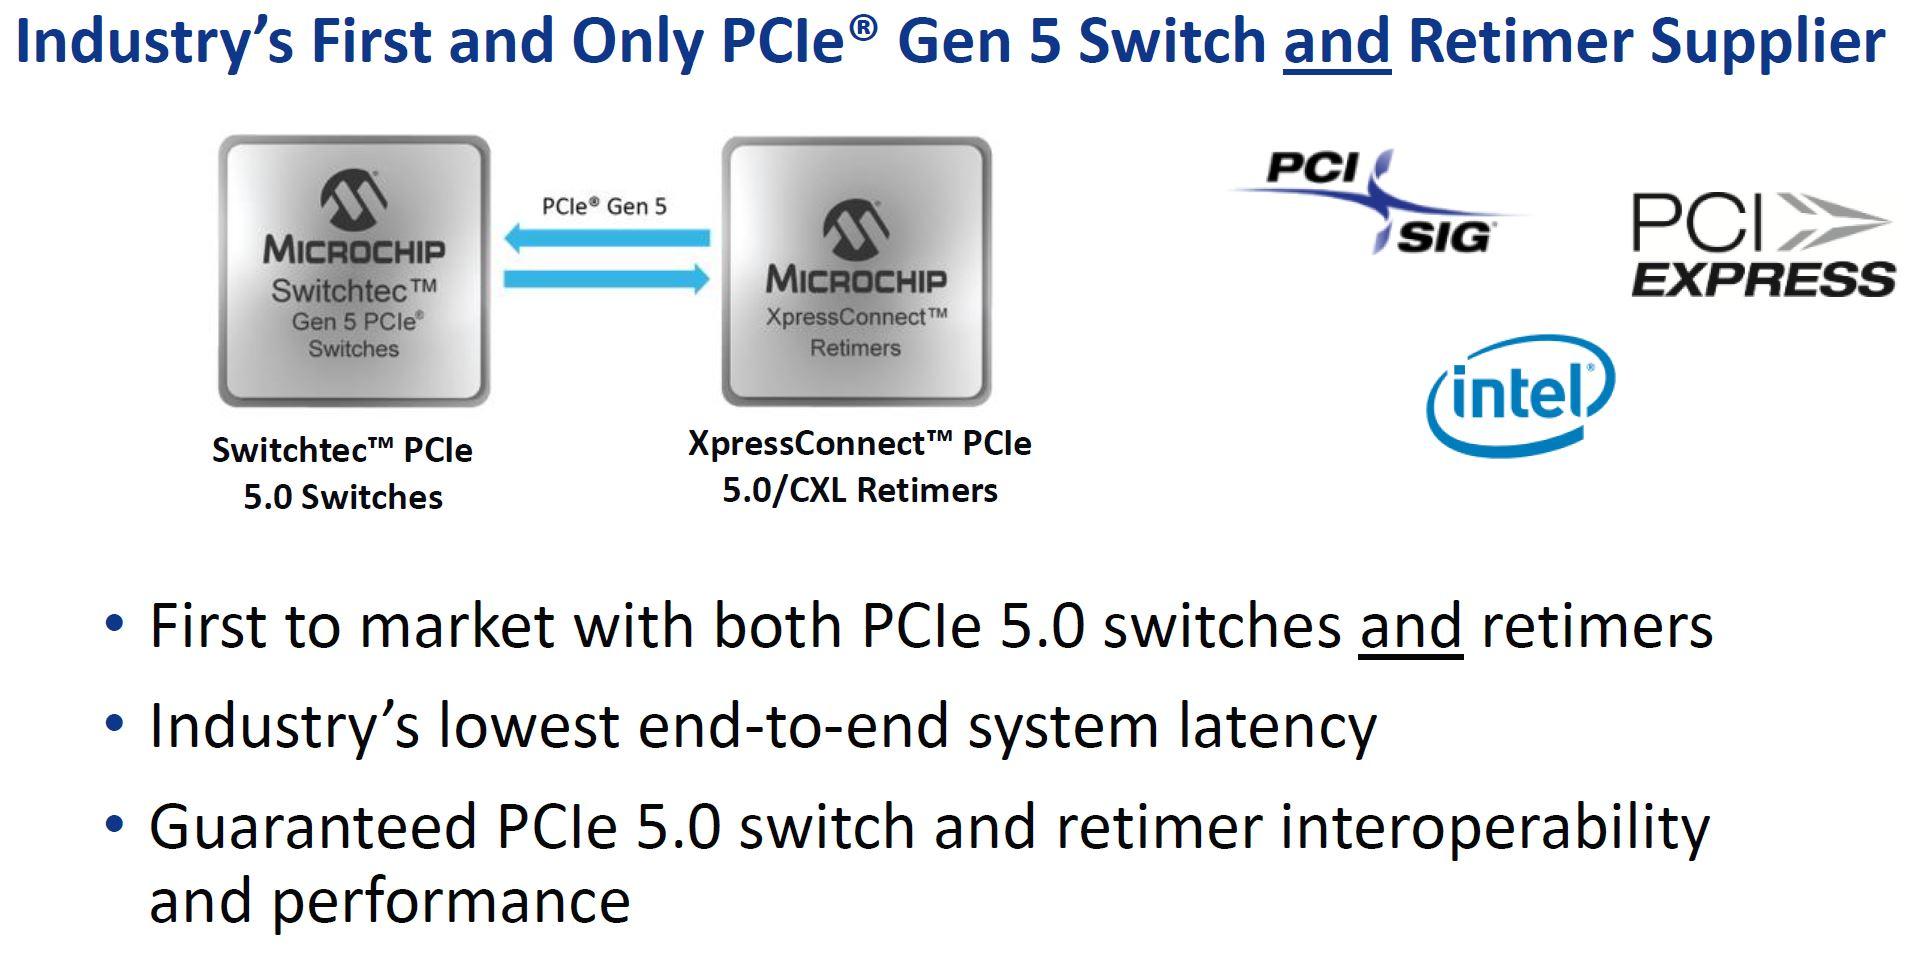 Microchip Switchtec PCIe 5.0 Switch Retimer